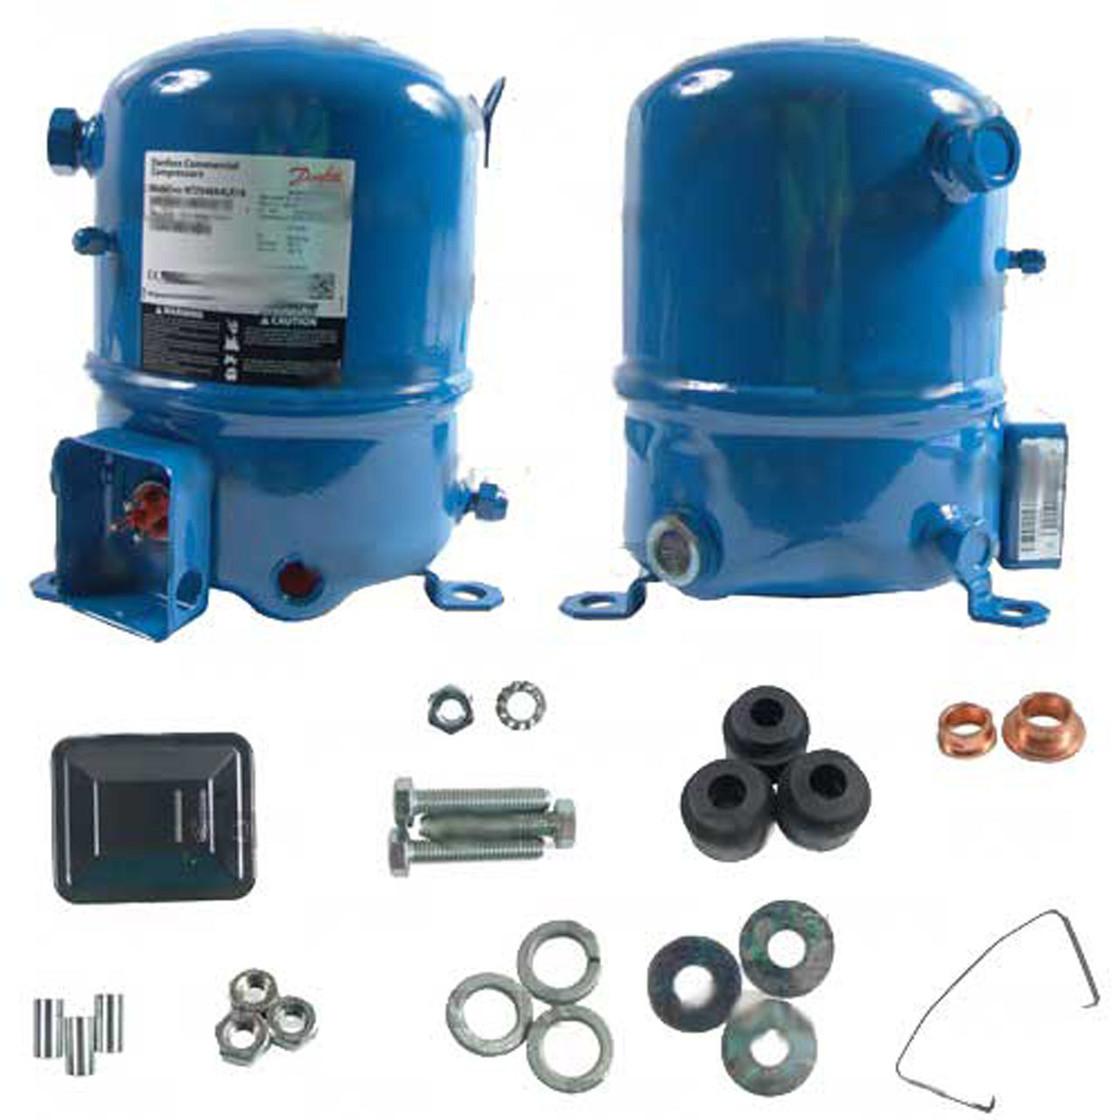 Compressor Maneurop Danfoss Ntz048 A4lr1a 54000 Wiring Diagram